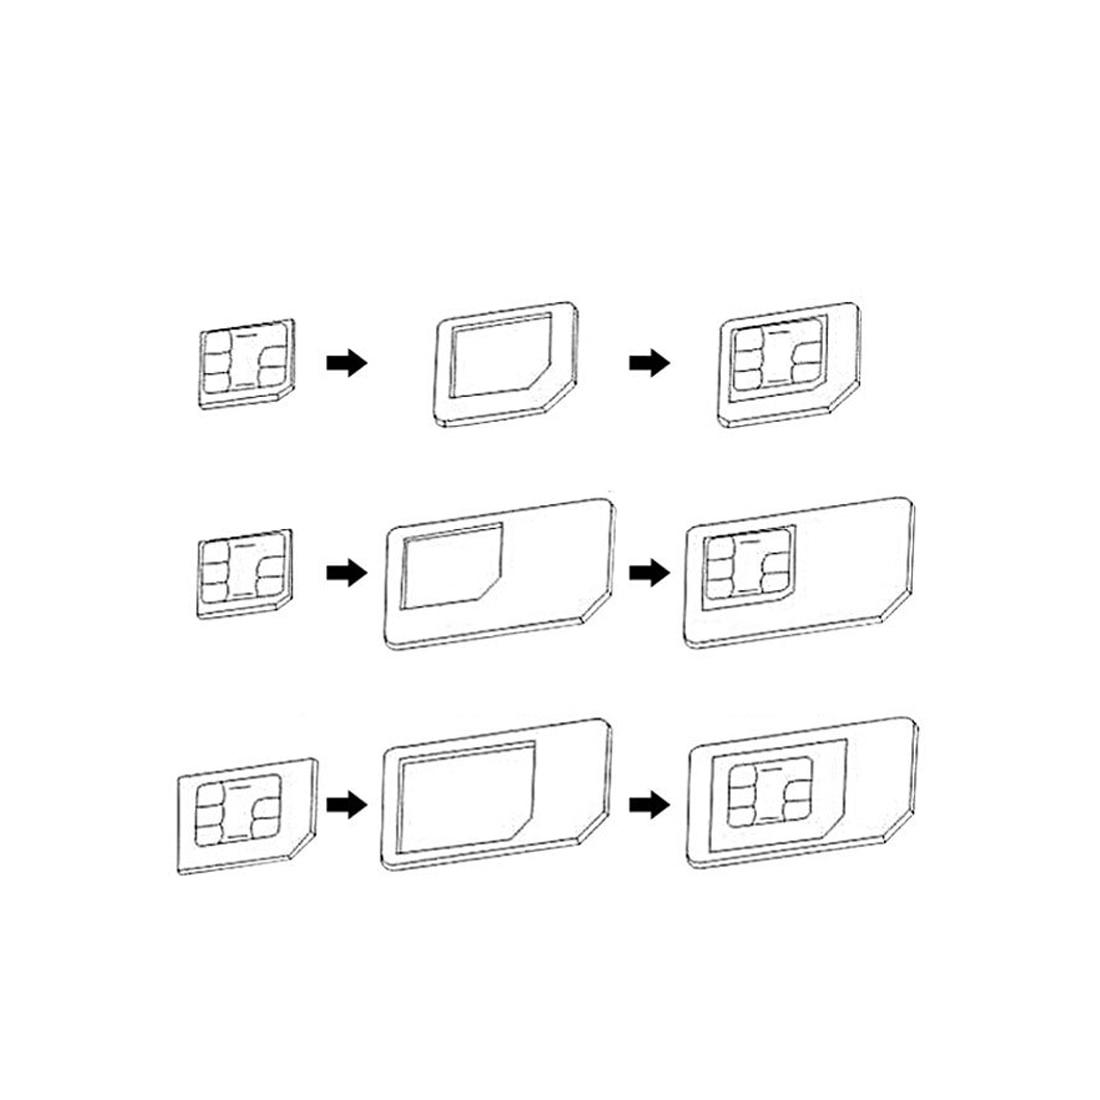 5 In 1 Sim Card Adapters Regular Amp Micro Sim Standard